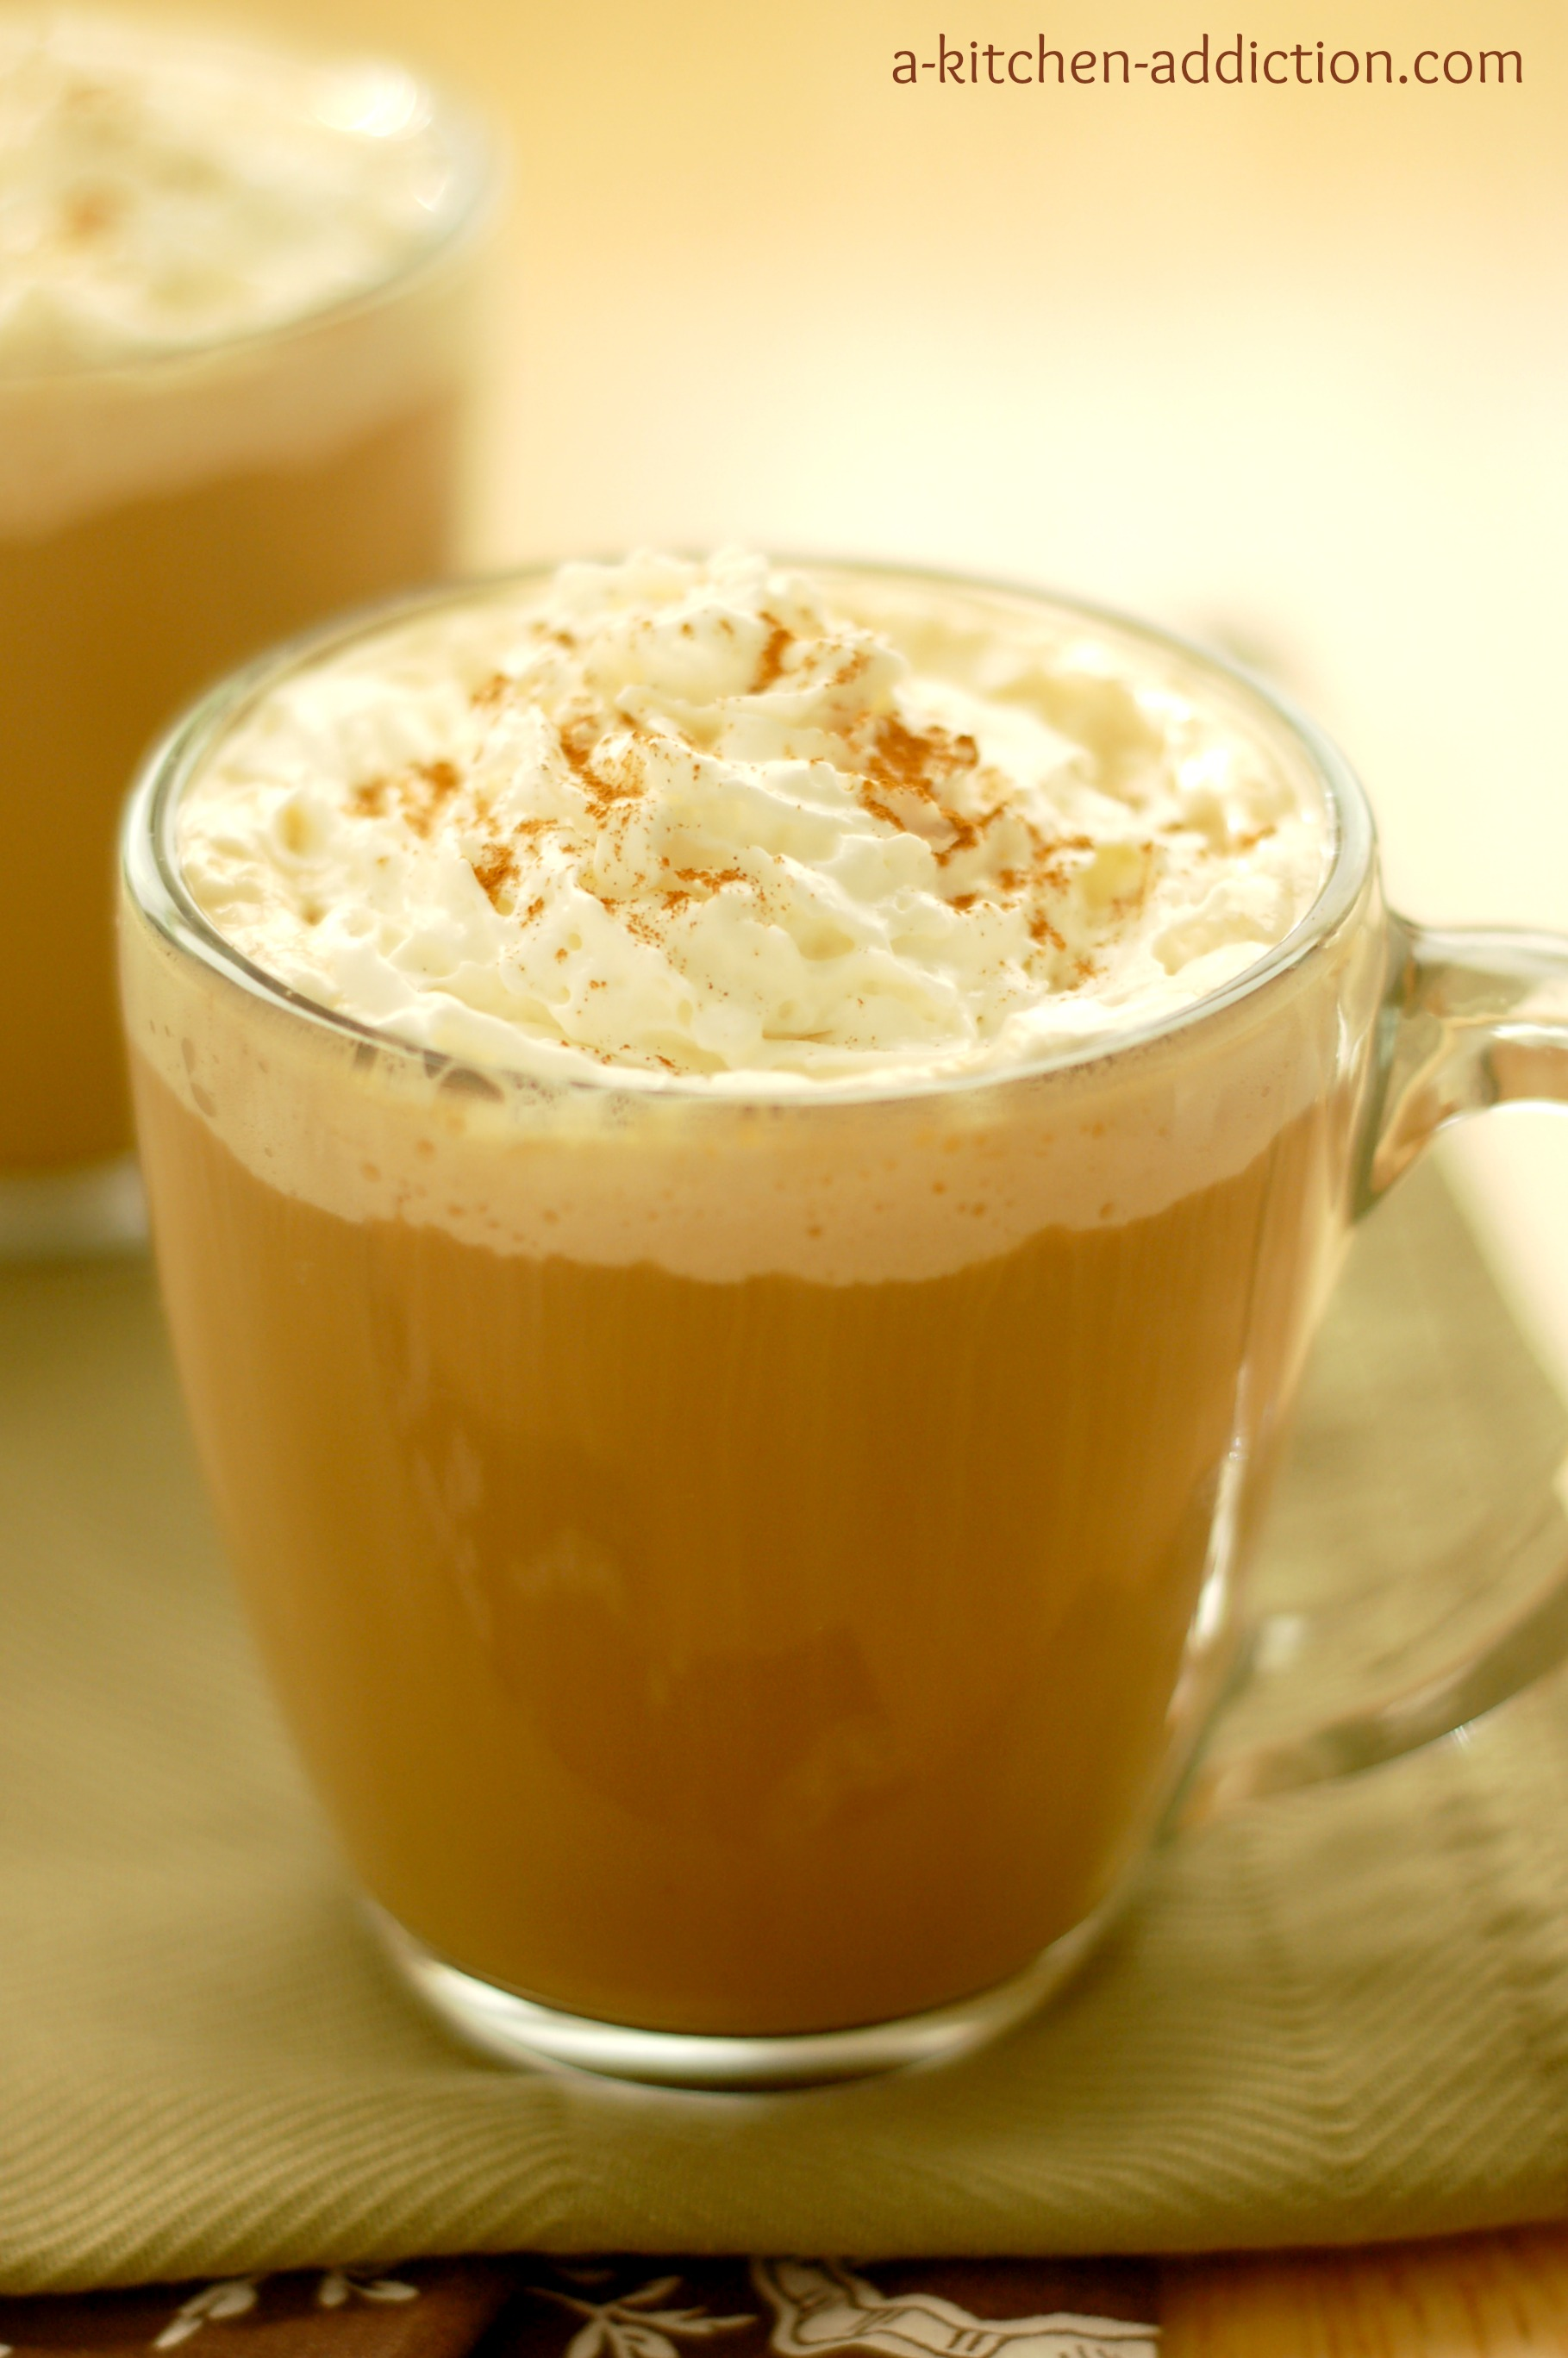 Кофе с ванилью - название, польза и вред, рецепты приготовления